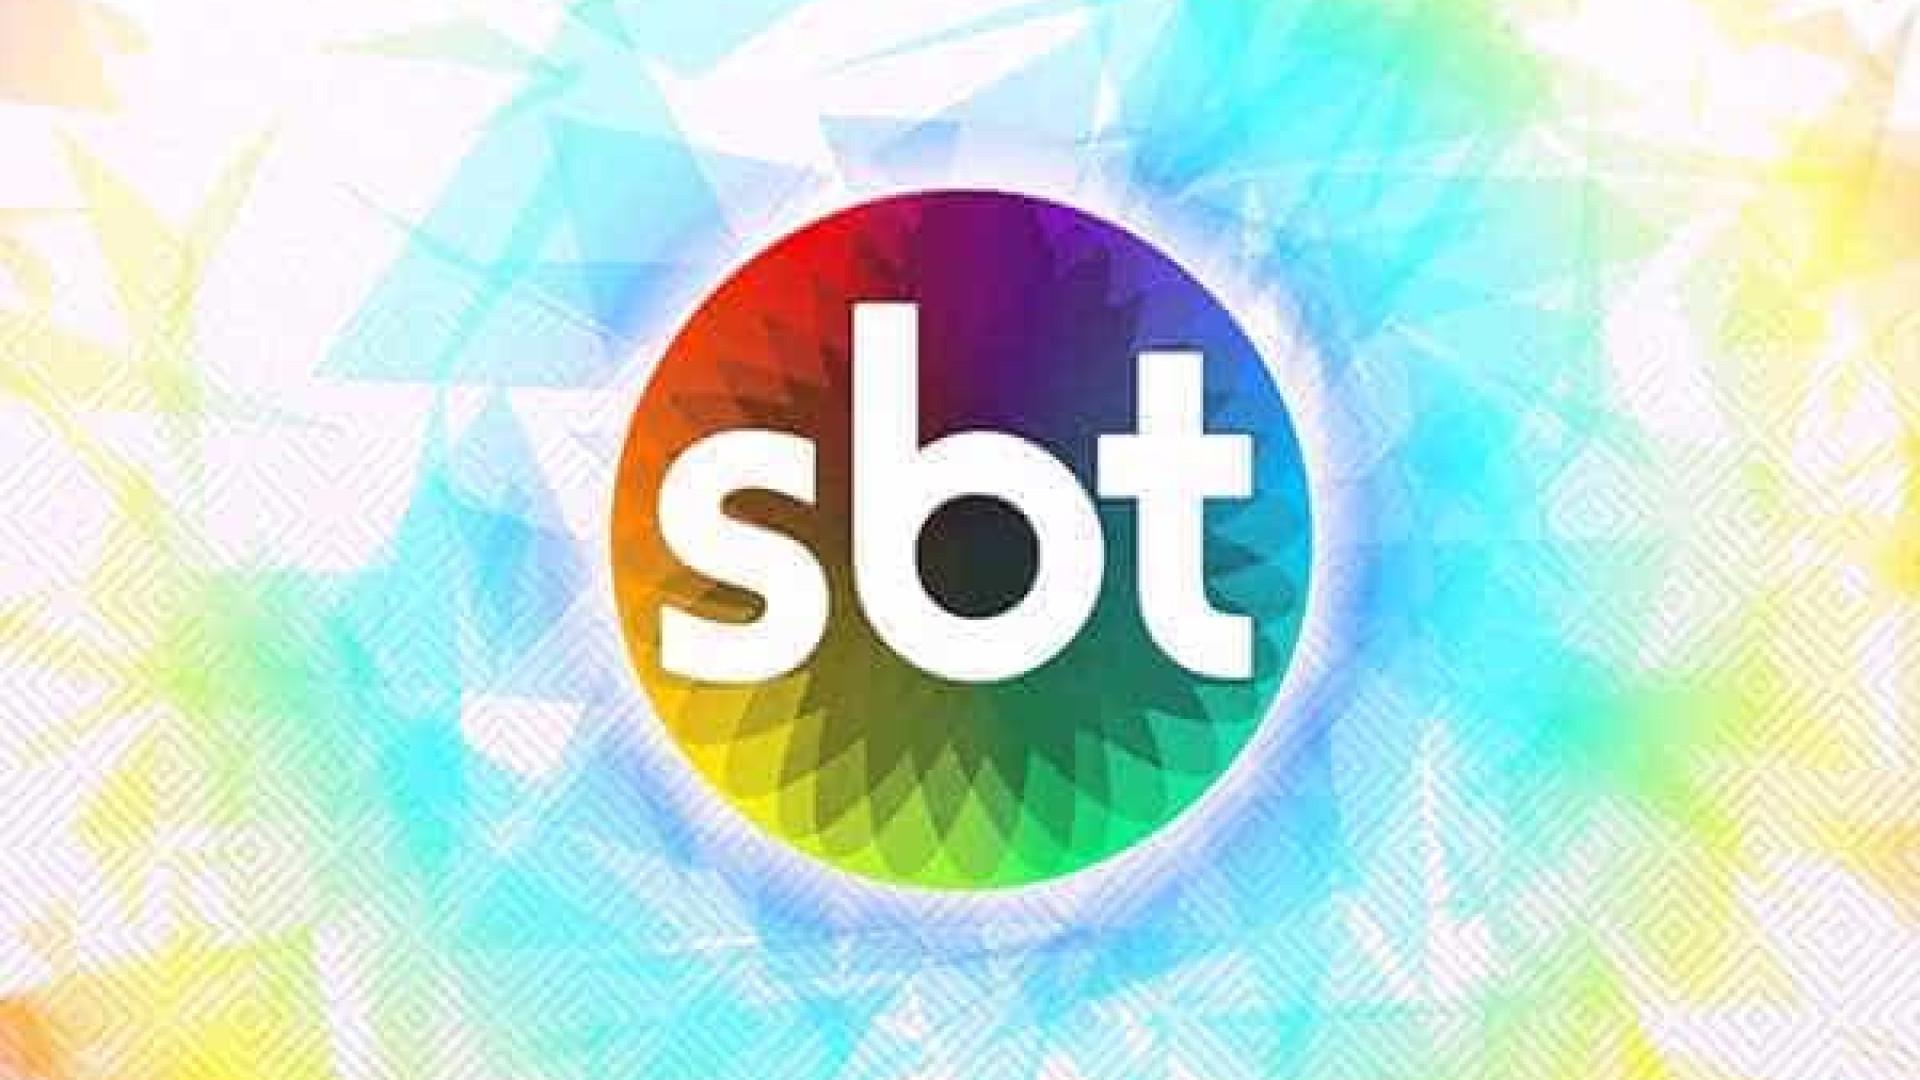 """SBT promete pagar R$3 mil por hora  a """"produtor de TV sem sair de casa"""""""